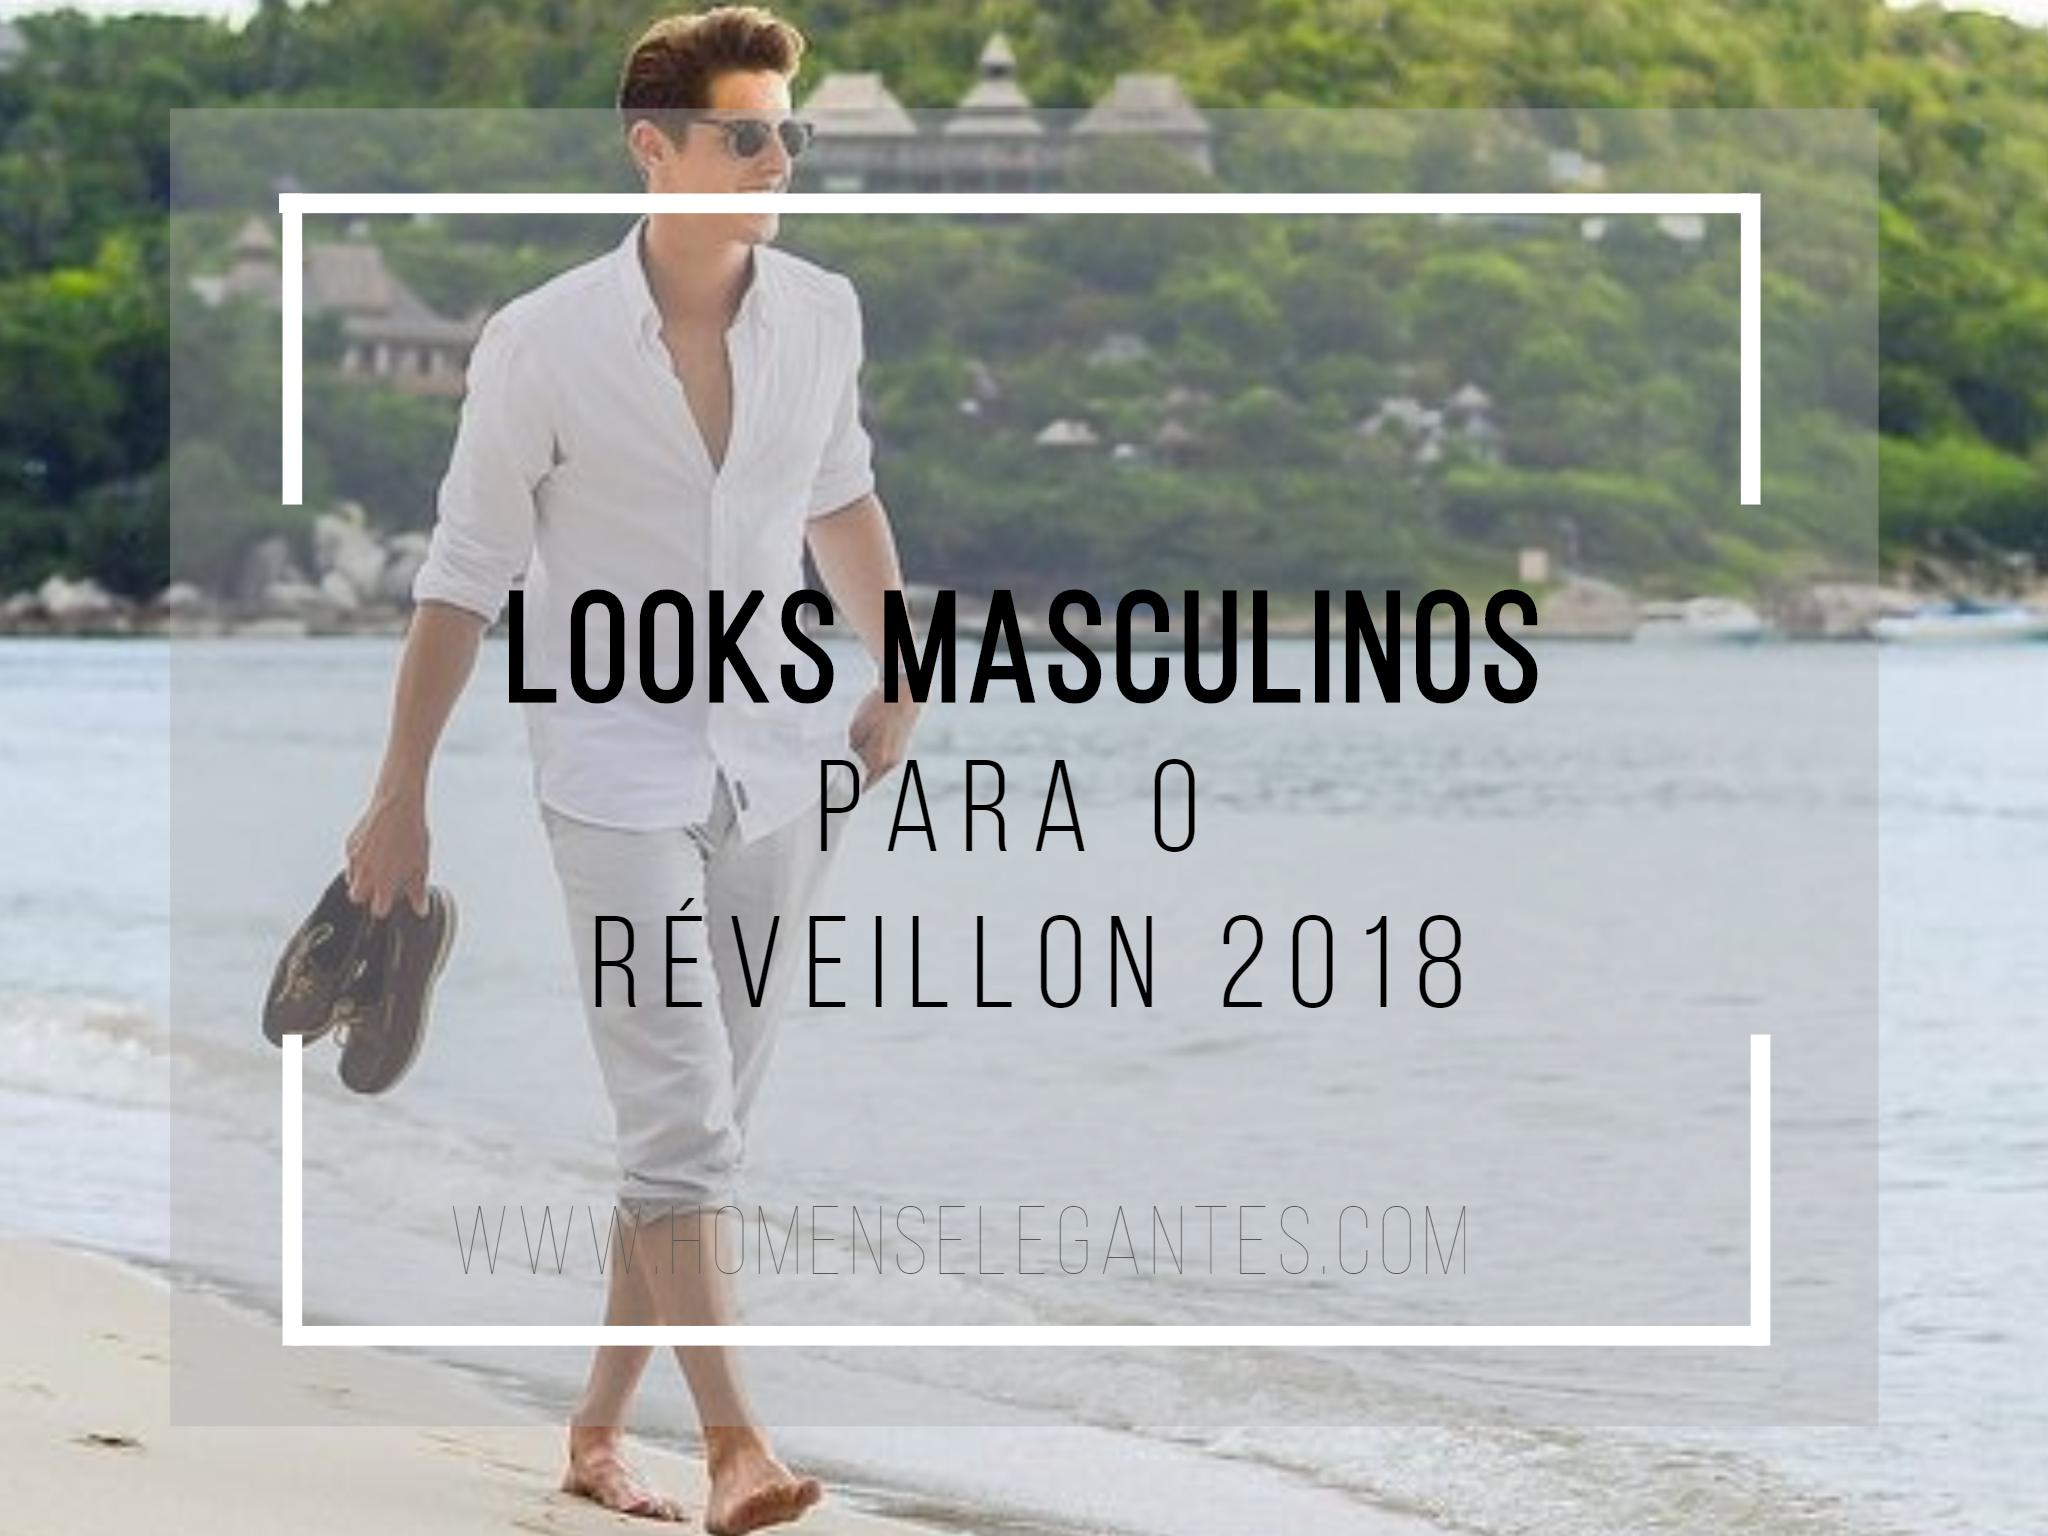 Já, estamos bem próximos do final do ano! E a grande maioria das pessoas, já começaram a procurar dicas, ideias de Roupas masculinas para Réveillon 2018.